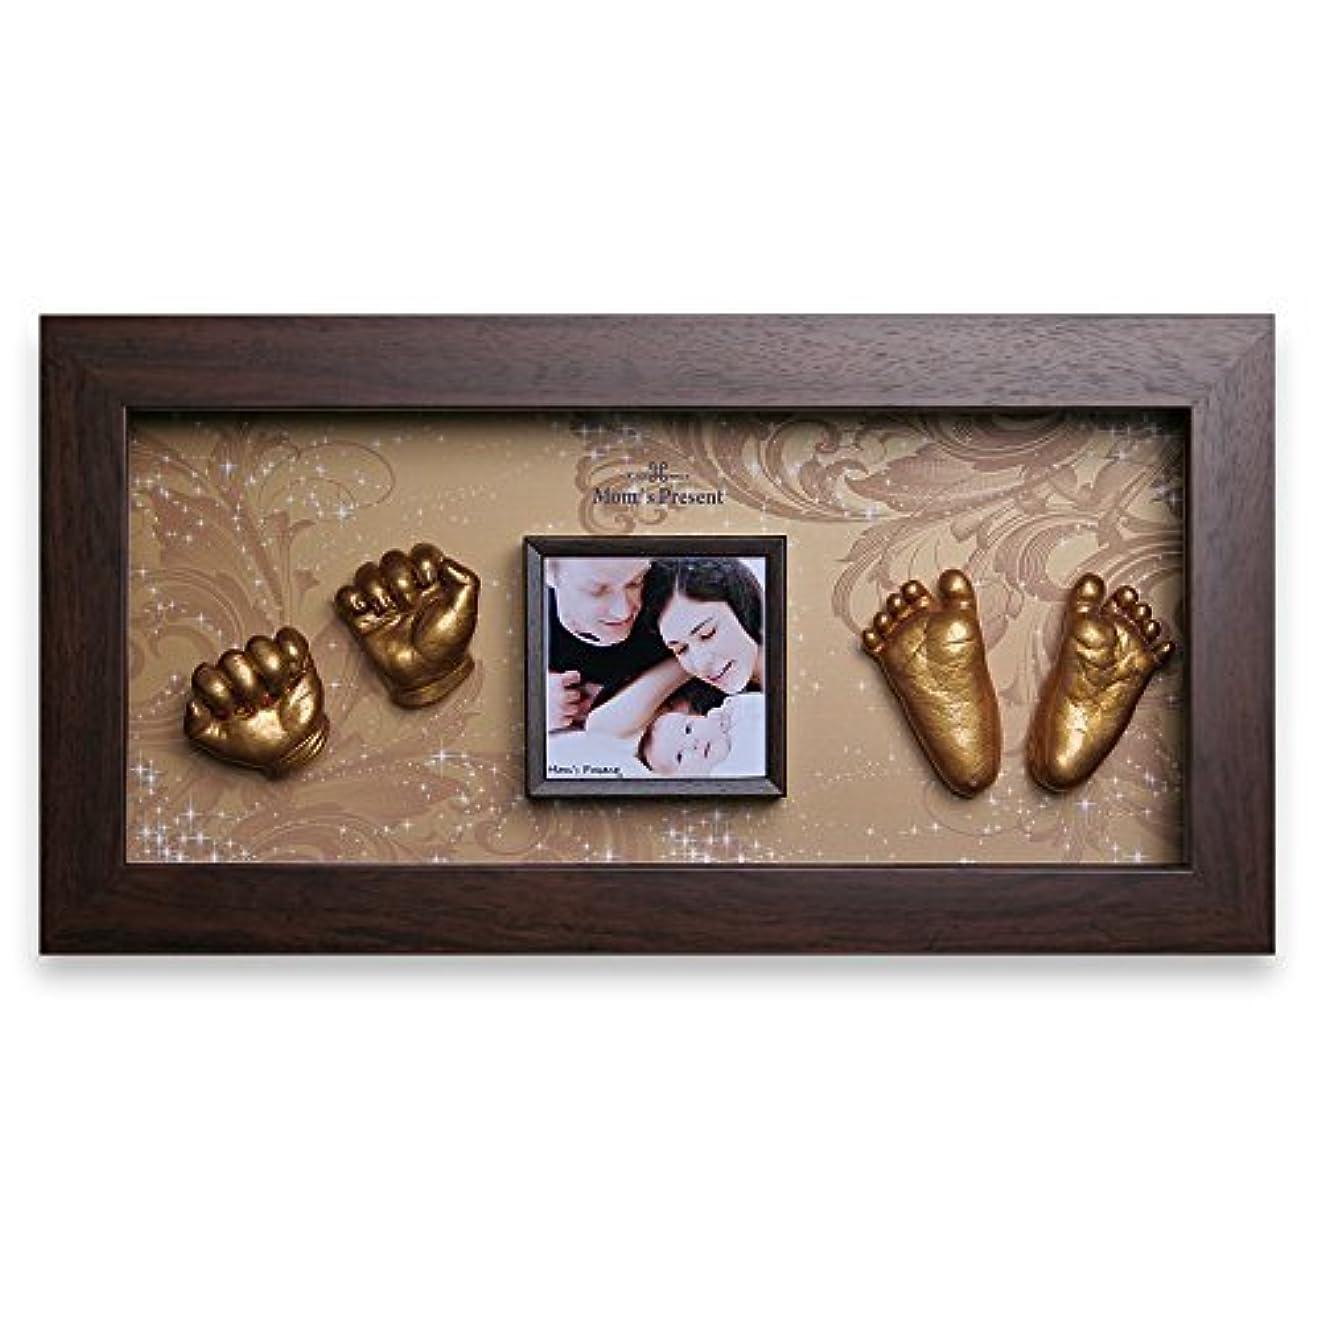 の間に偽善者アジテーションMoms Present 赤ちゃんの手と足 WALNUT FRAMEで3DプリントDIYキットをキャスティング(PW-2-黄金の中庭) [並行輸入品]